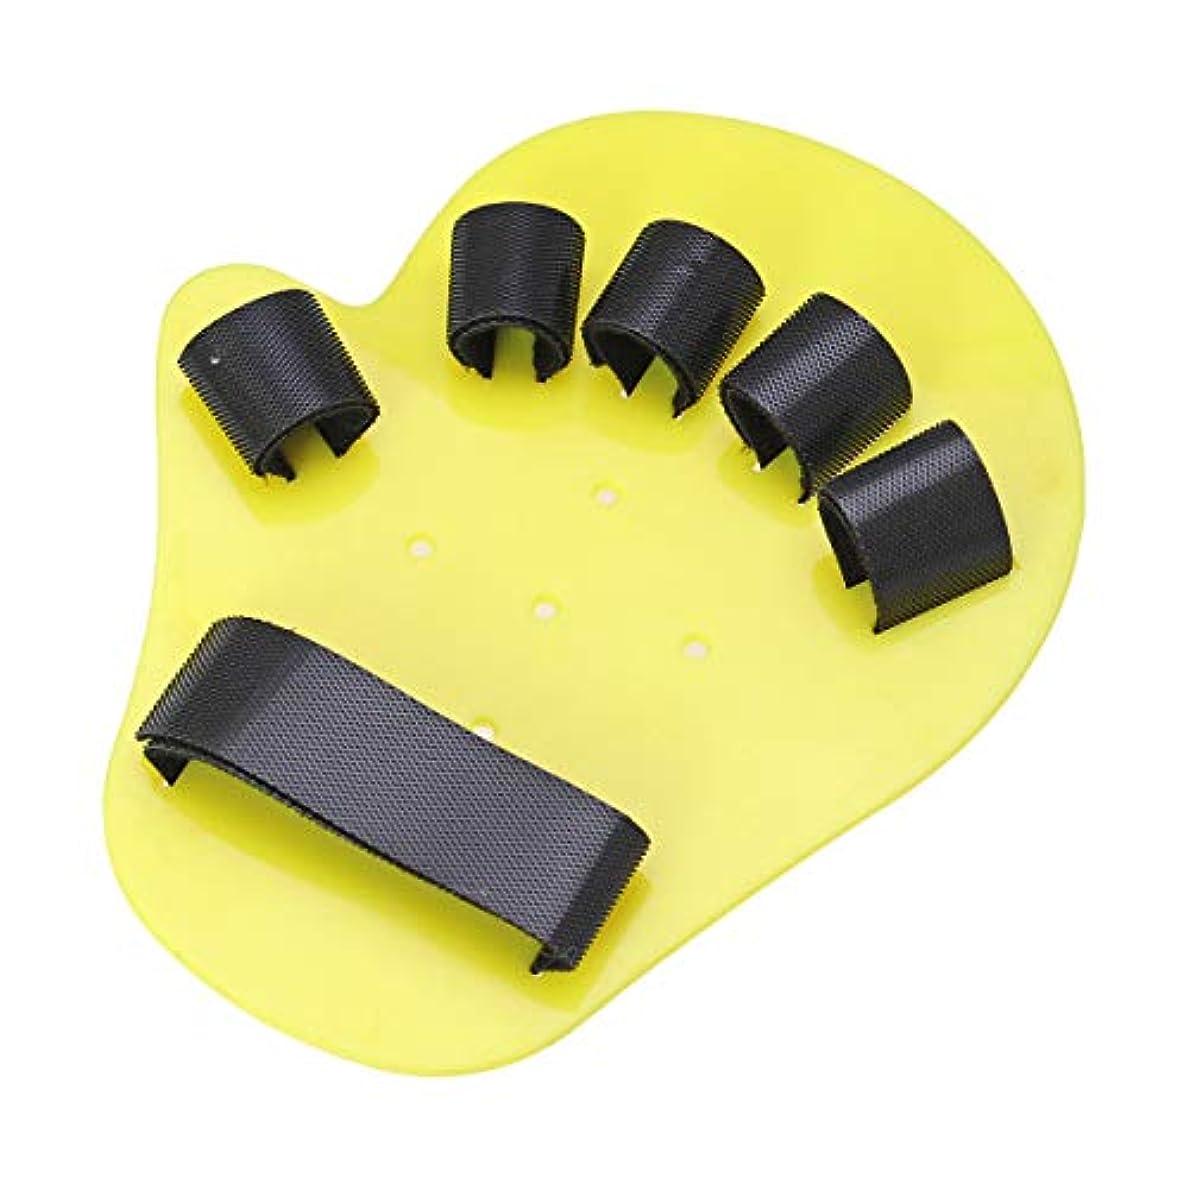 永久麻痺のホストSUPVOX 指の装具キッズ指トレーニングボード指副木指用脳卒中片麻痺5-10年